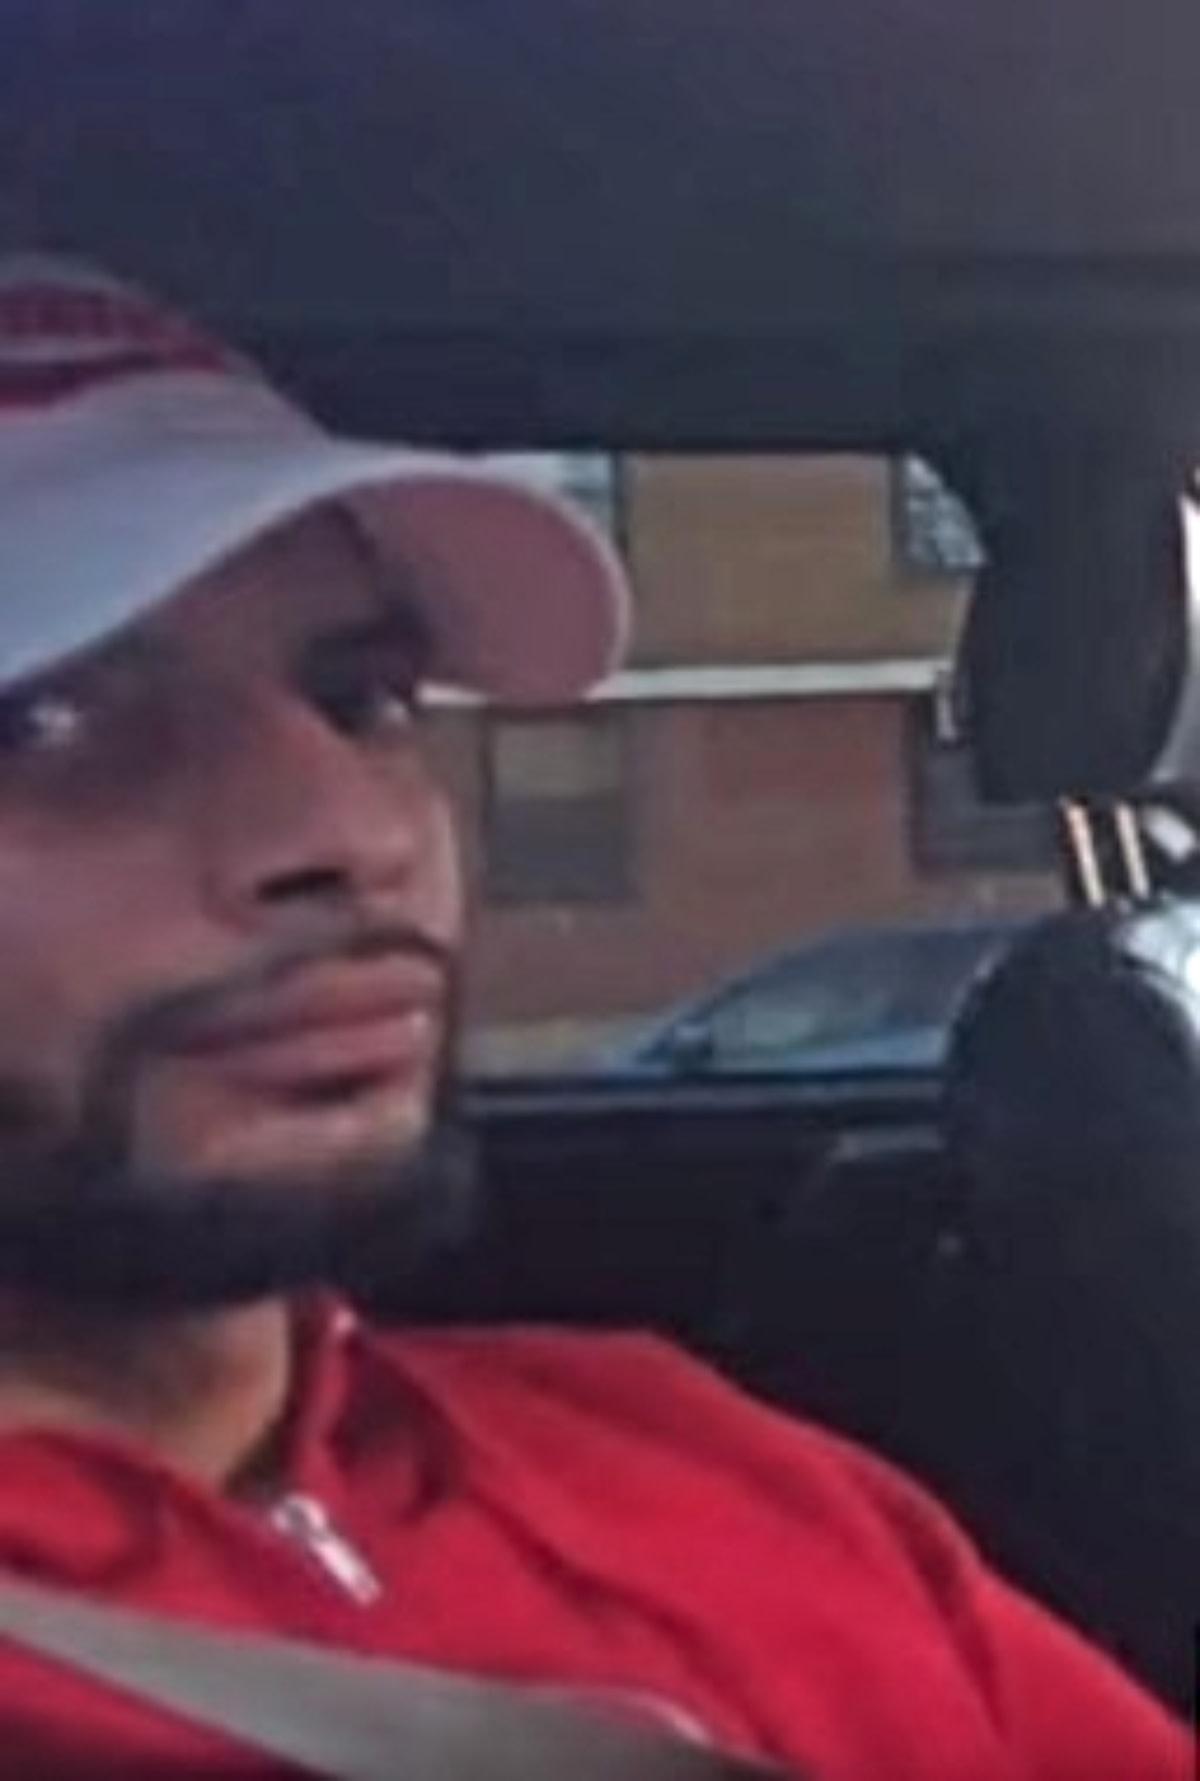 Crónica: Agente colocó marihuana en auto de hispano (FOTOS y VIDEO)